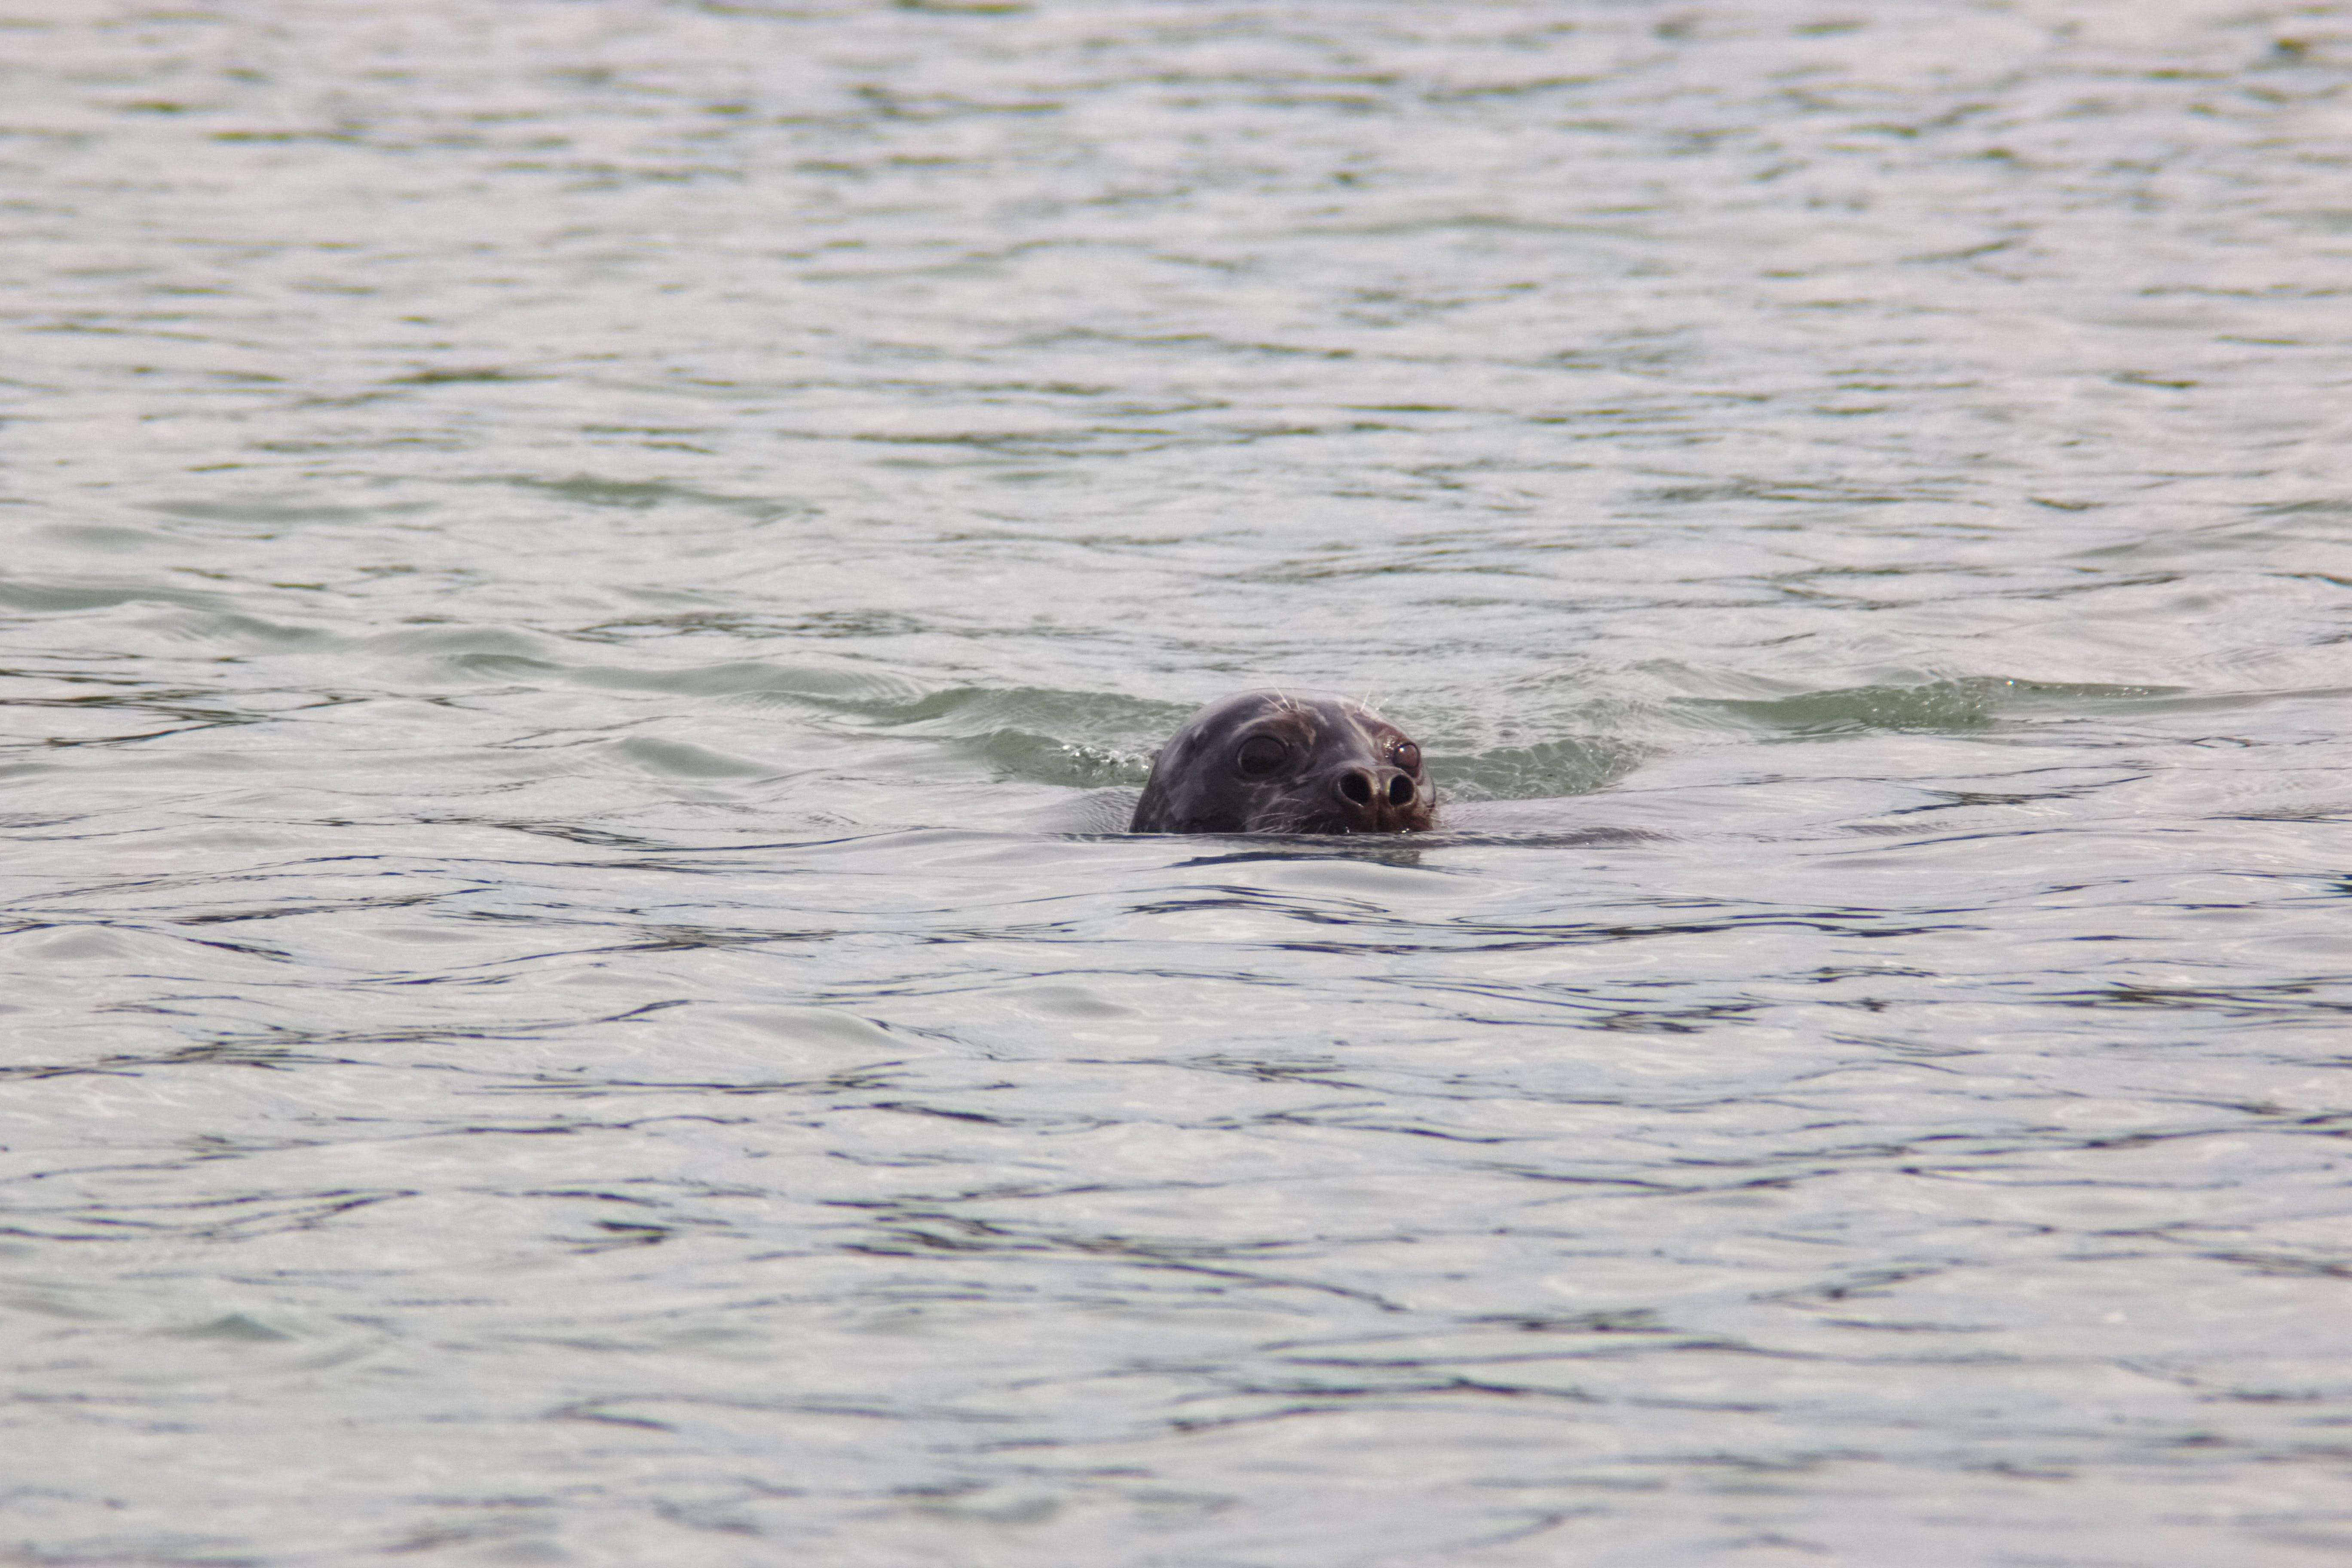 Δωρεάν στοκ φωτογραφιών με ζώο, θαλάσσιος, θηλαστικό, καρφίτσα